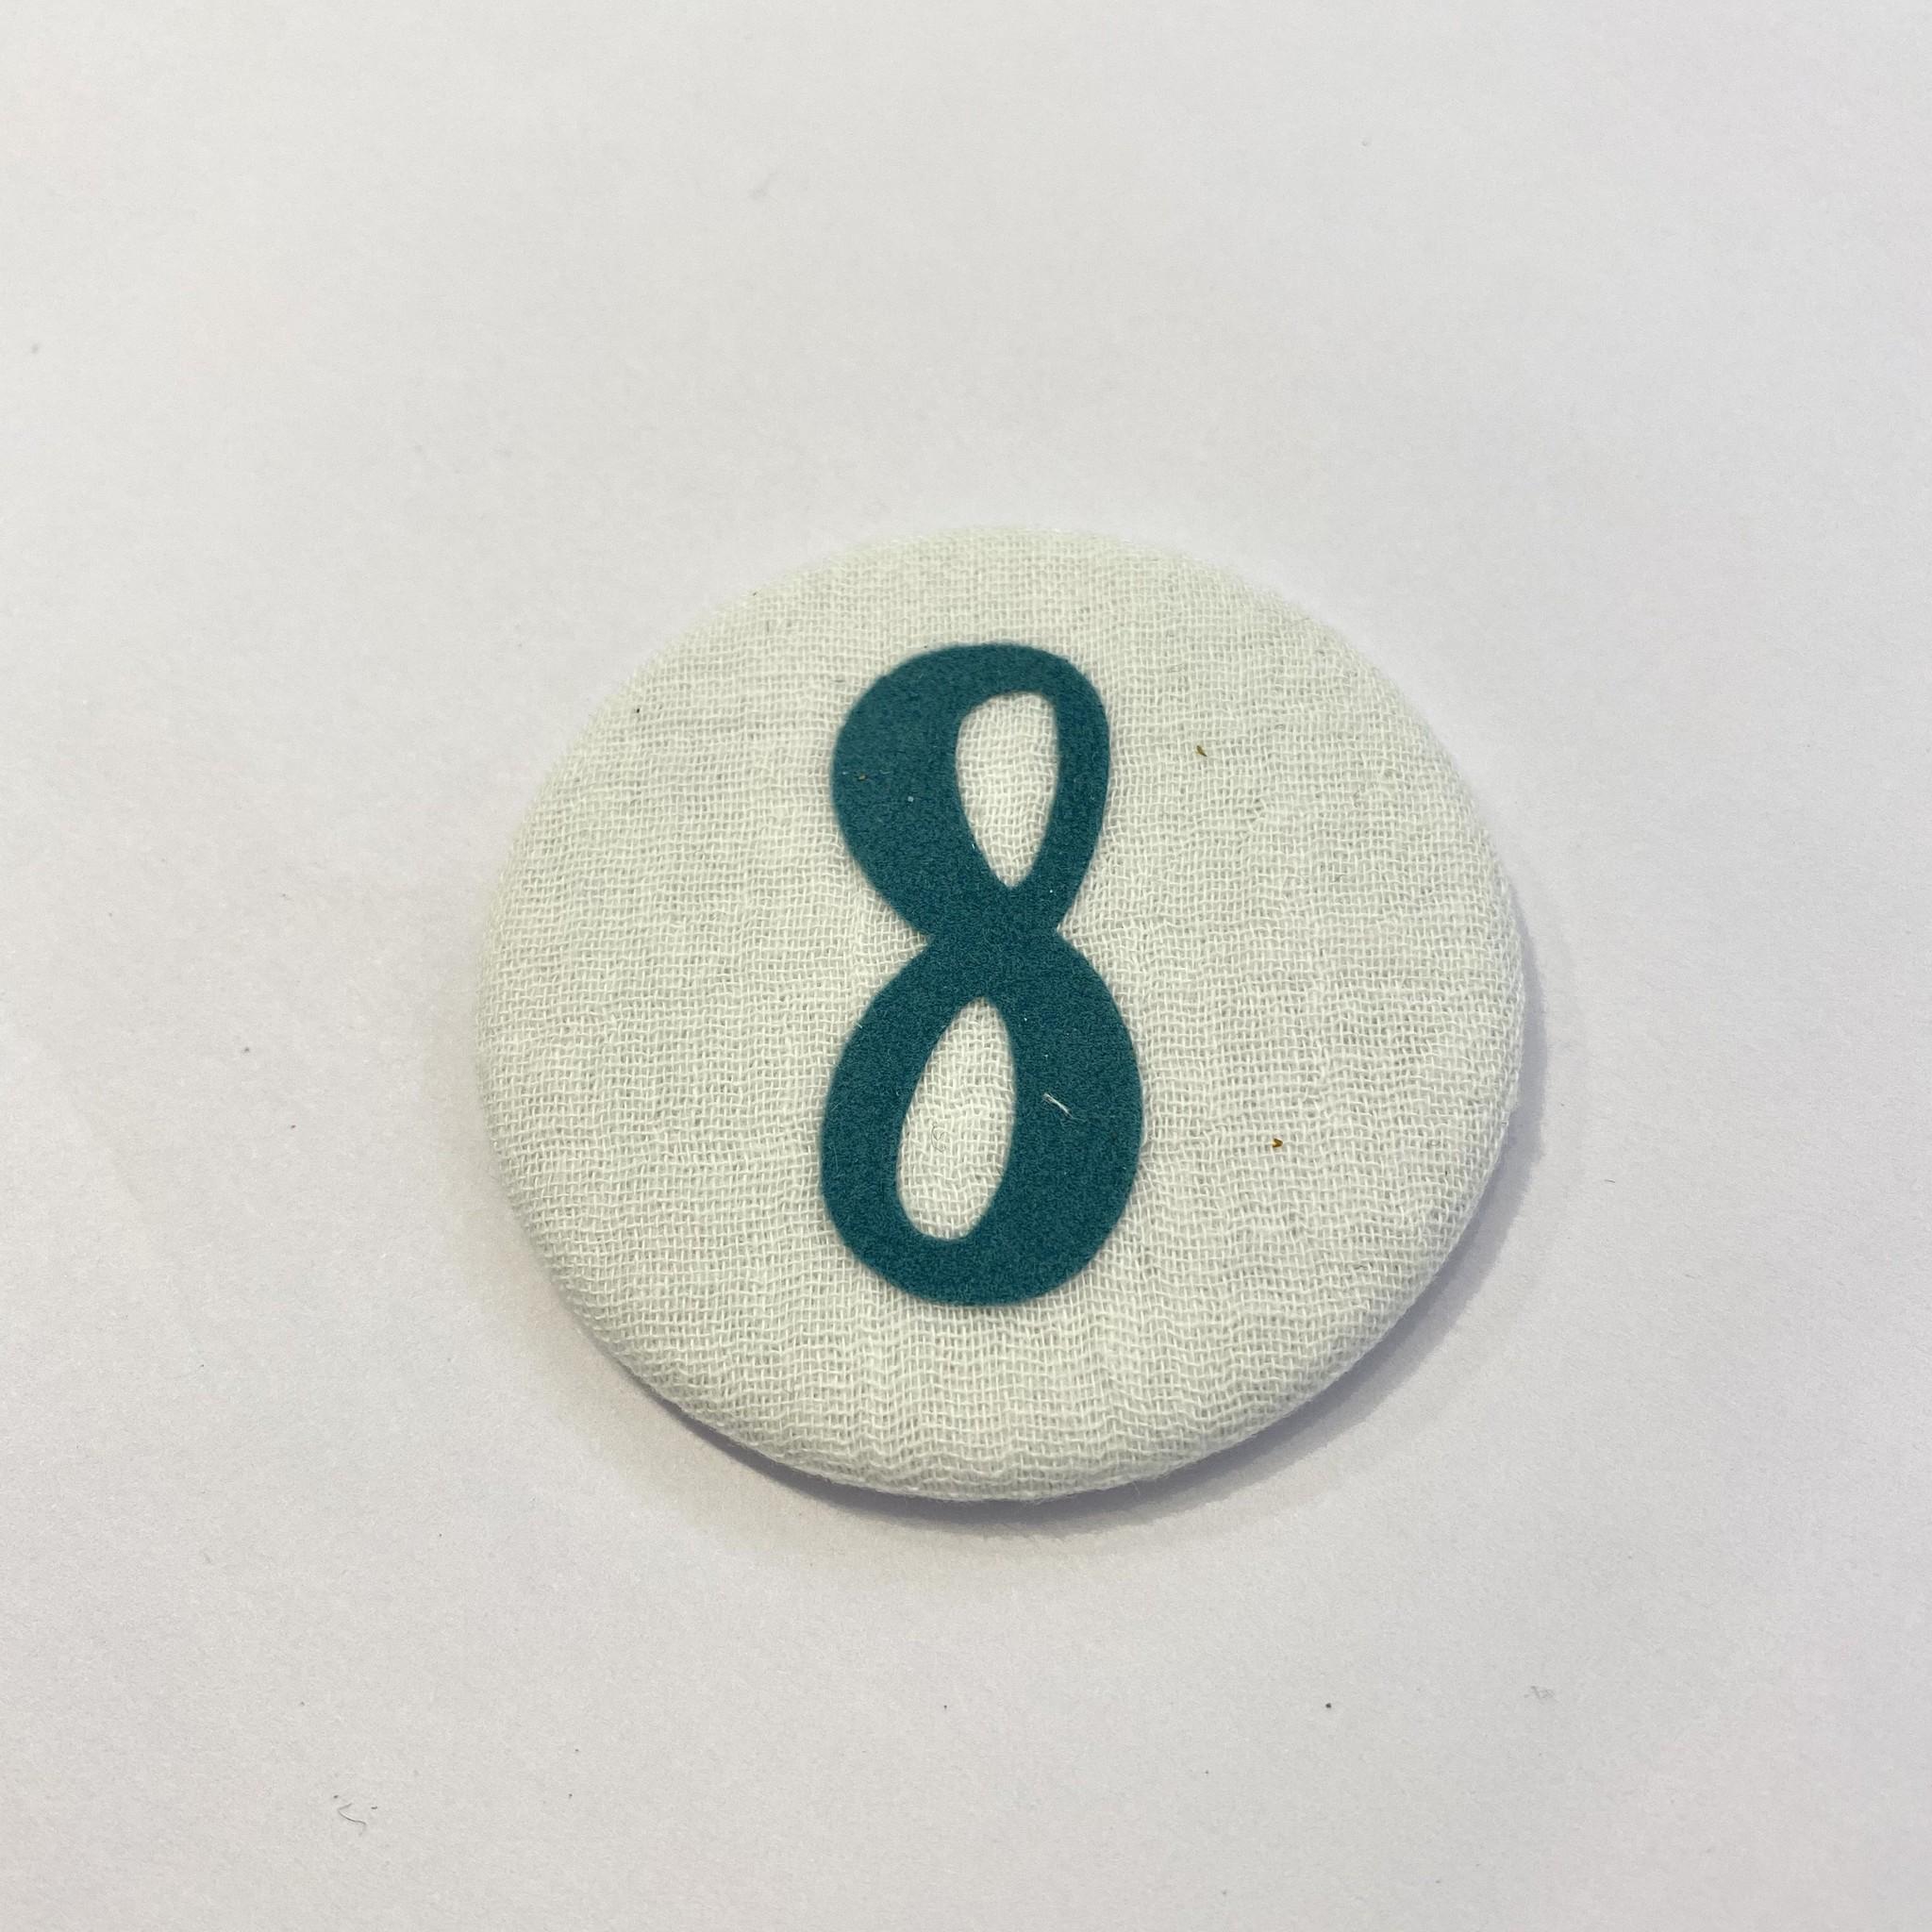 Cijferknop 8 Groen - Liezelijn-1